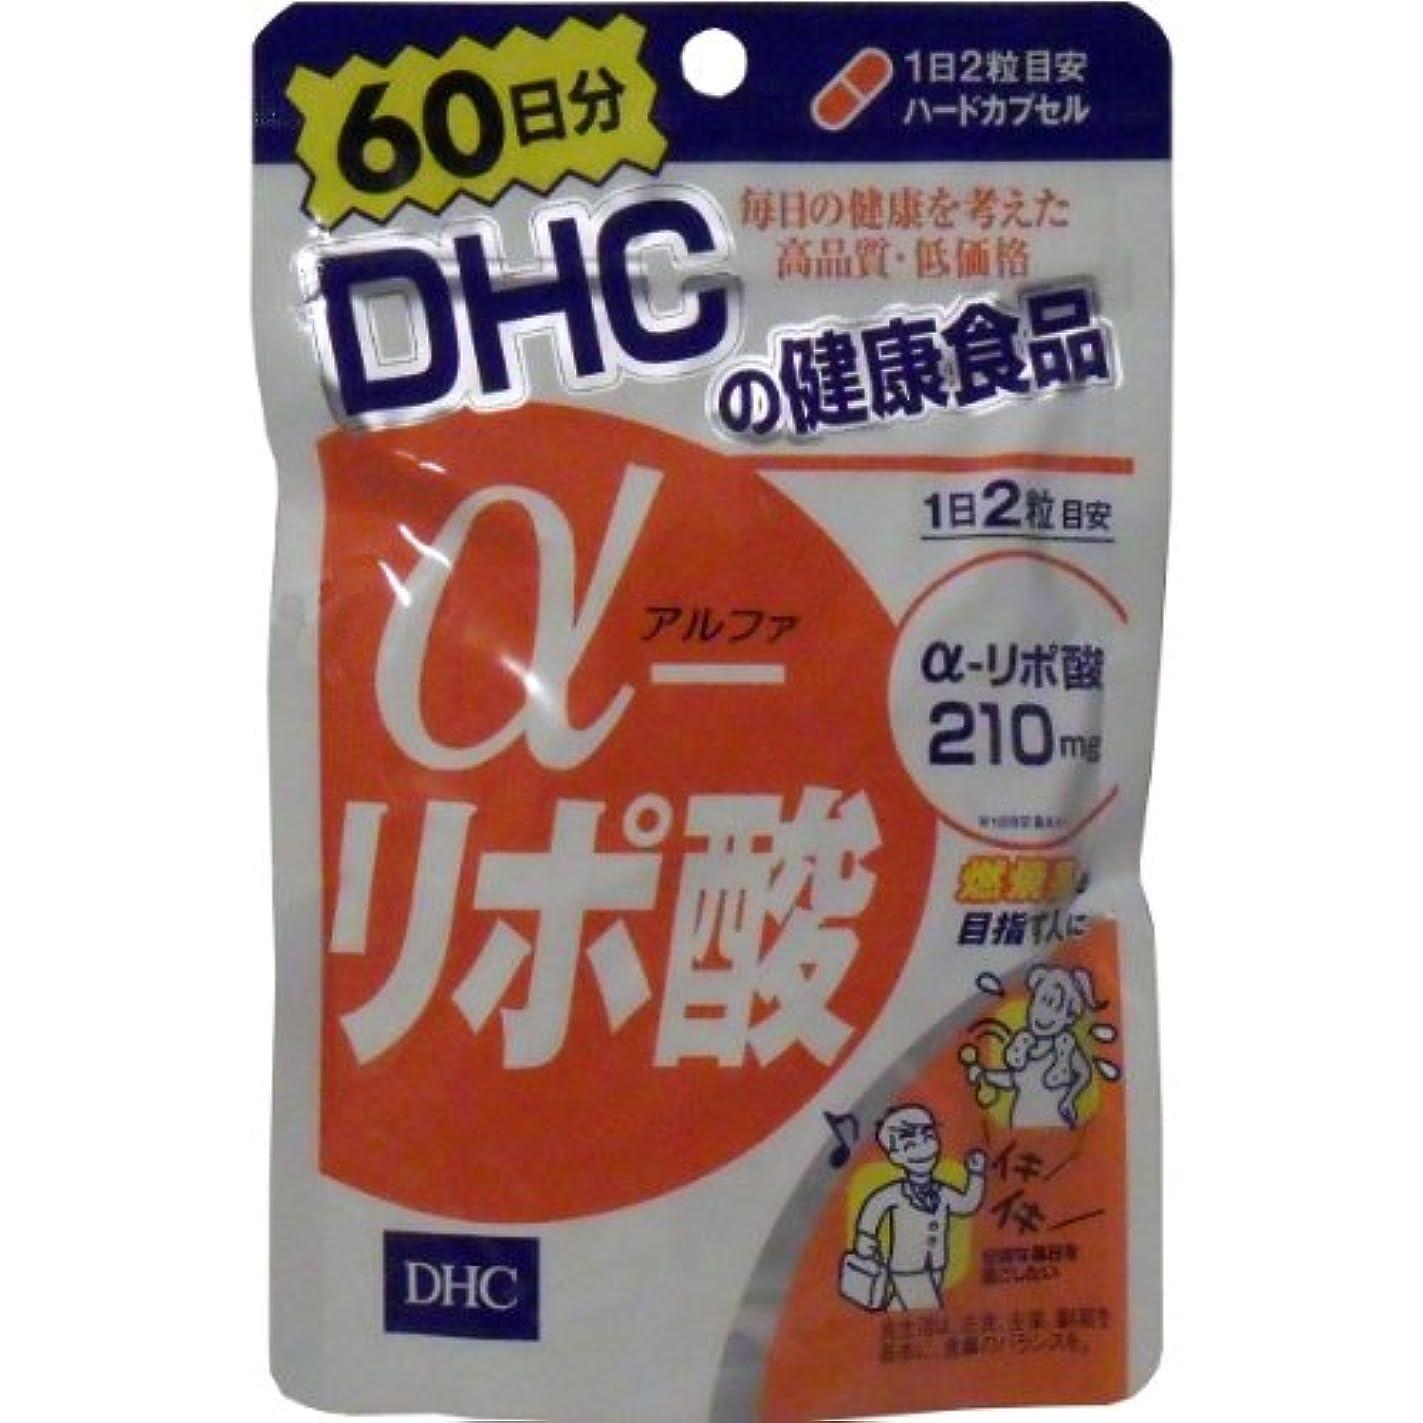 不公平鷲兵士DHC α-リポ酸60日分 120粒×3個セット